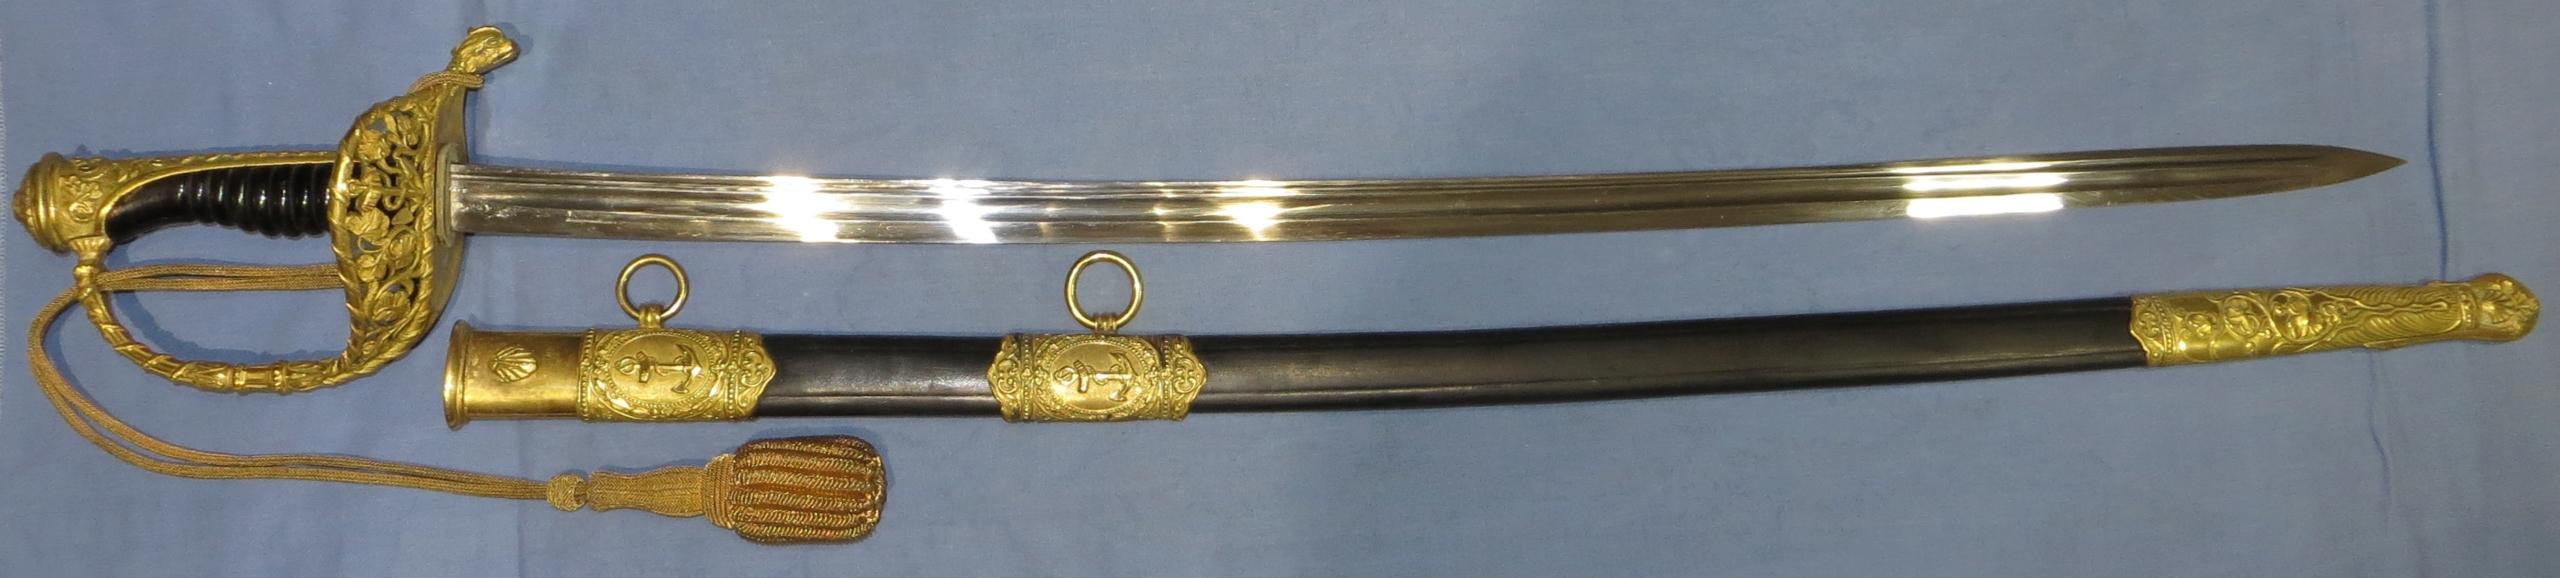 sabre japonais marine 123